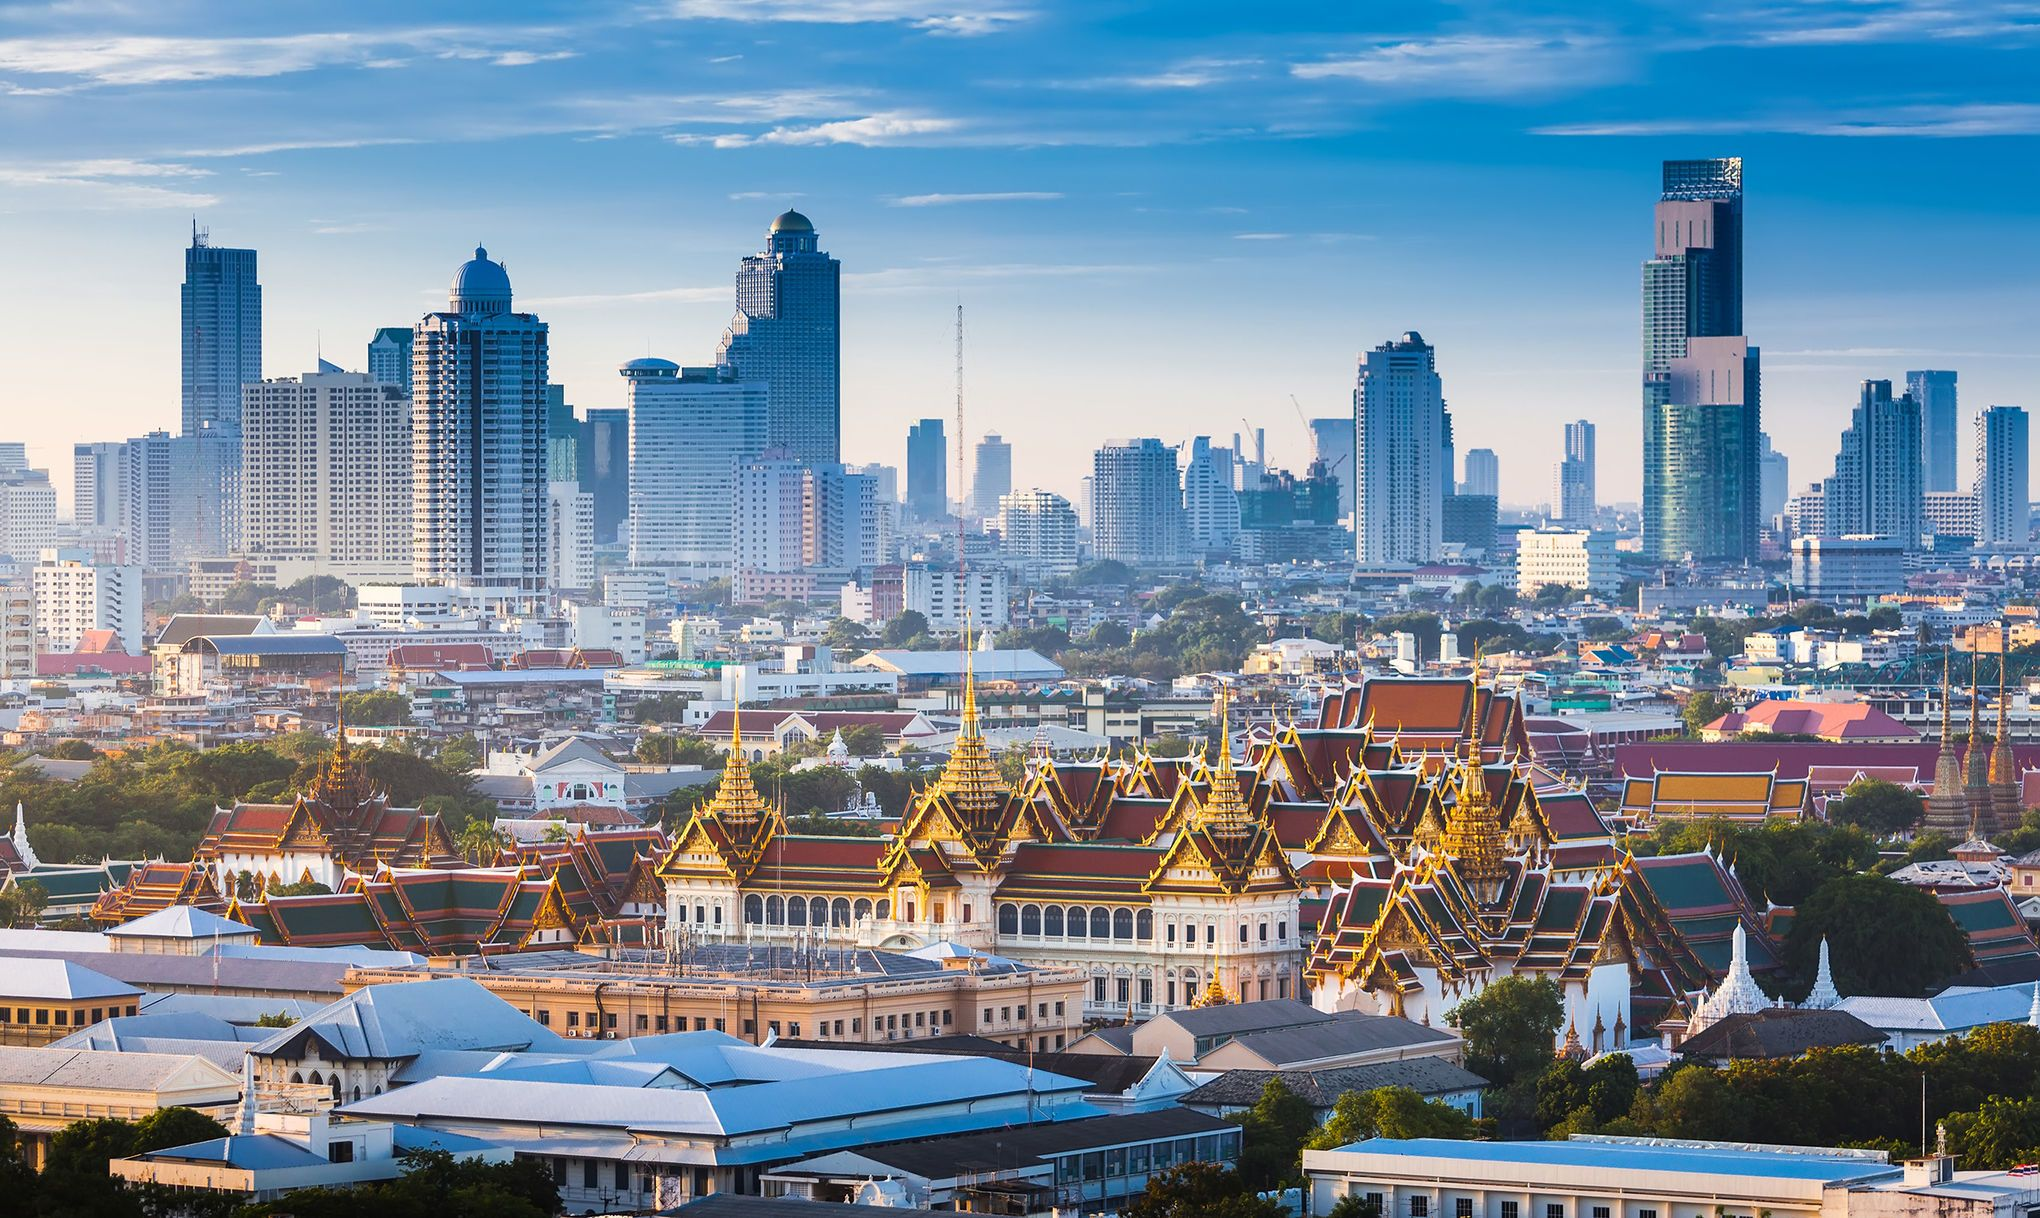 Moderne und Tradition in Bangkok: Der Große Palast mit mehr als 100 Bauten vor der Wolkenkratzer-Skyline